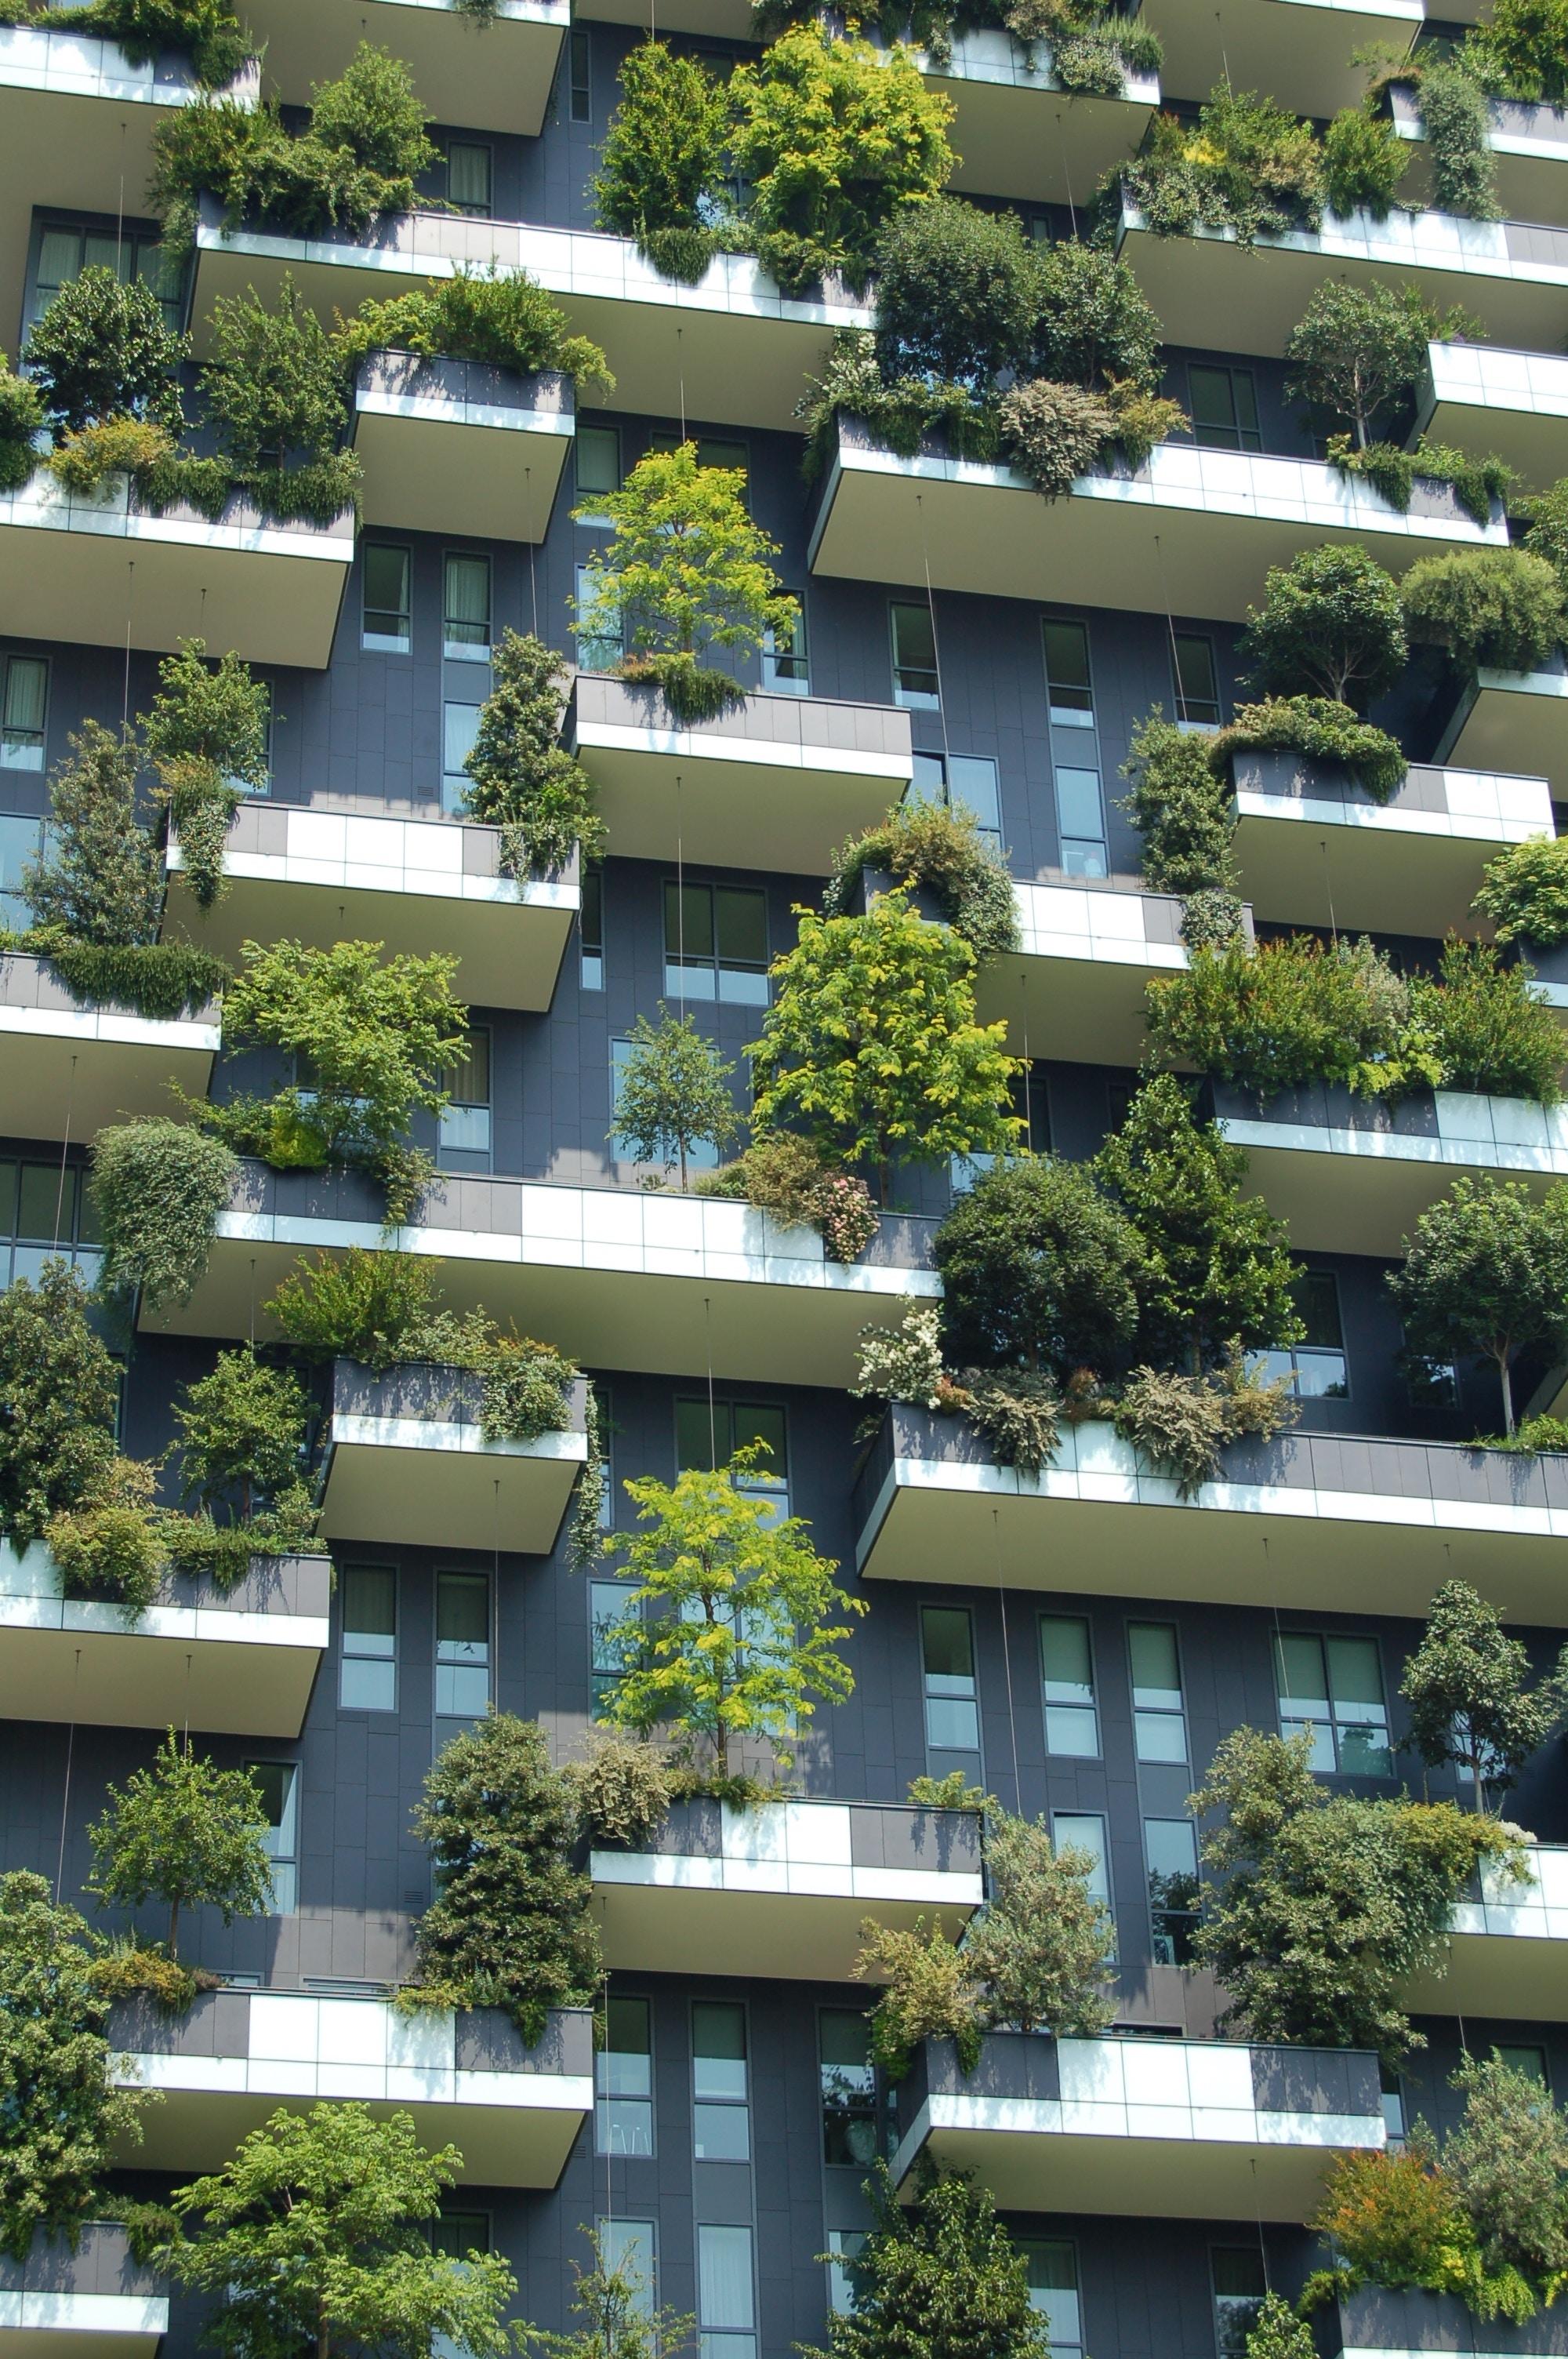 bâtiment vert écoresponsable énergie positive